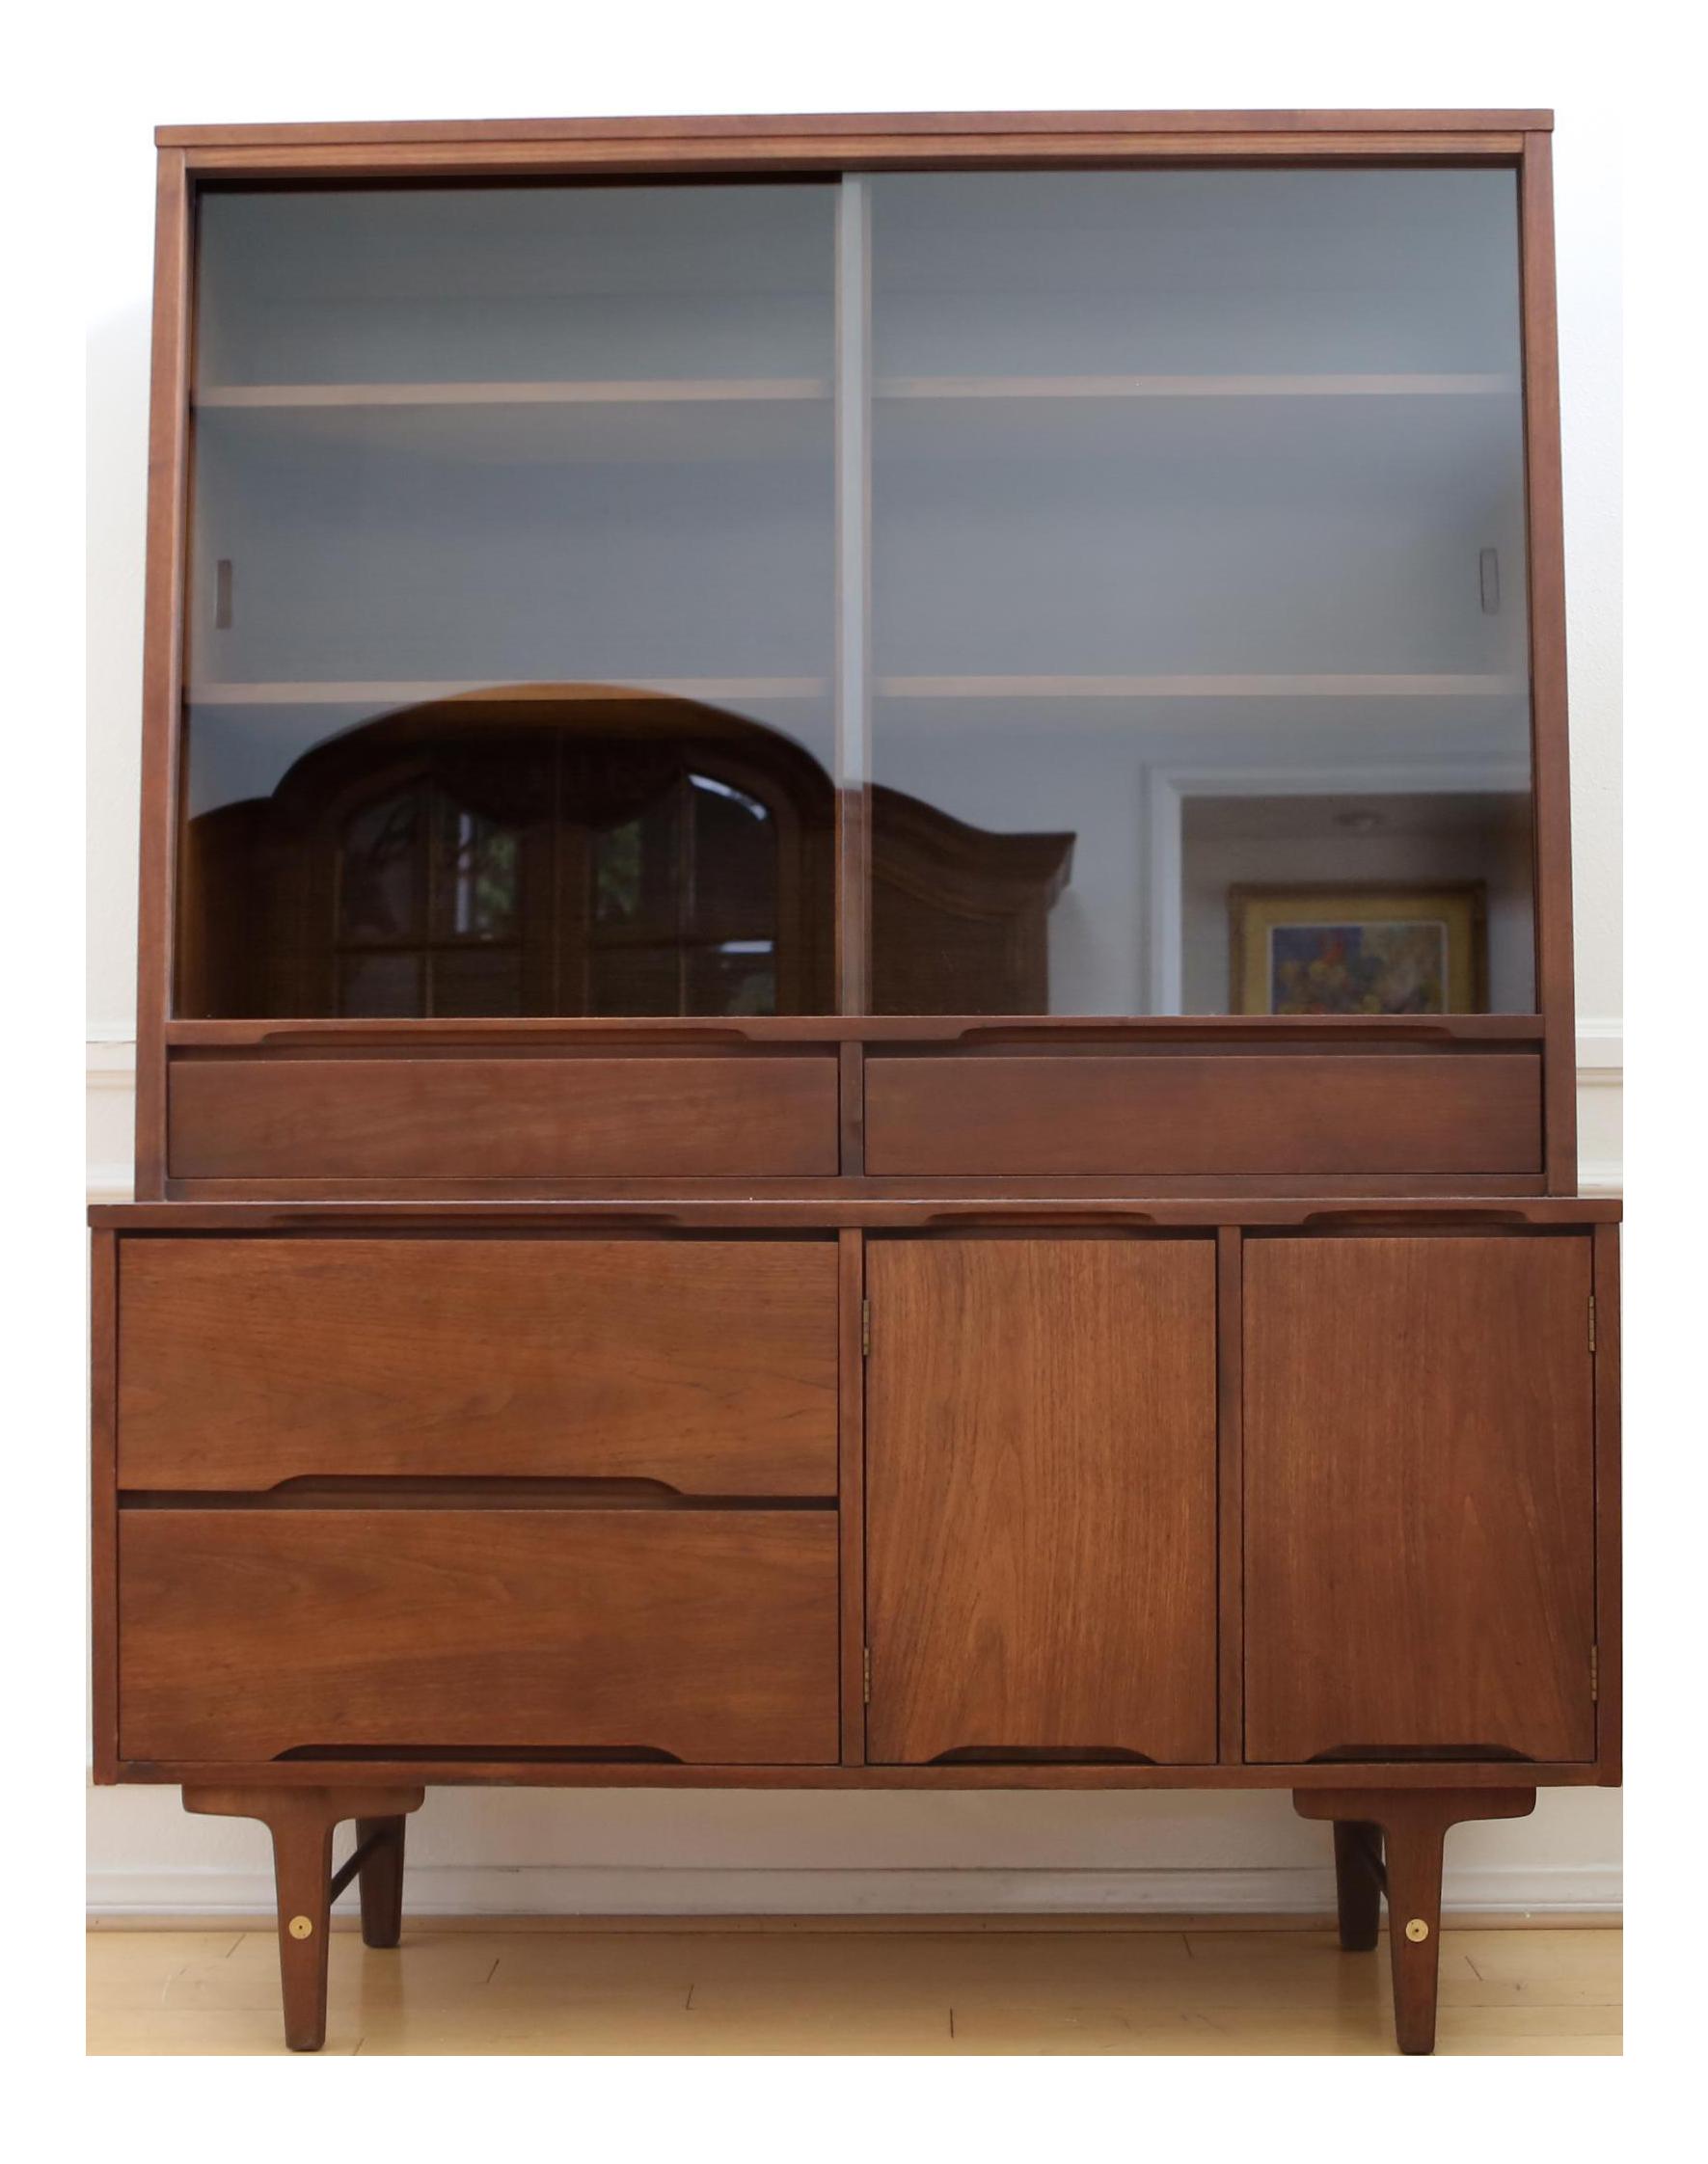 Vintage stanley mid century modern hutch china cabinet chairish